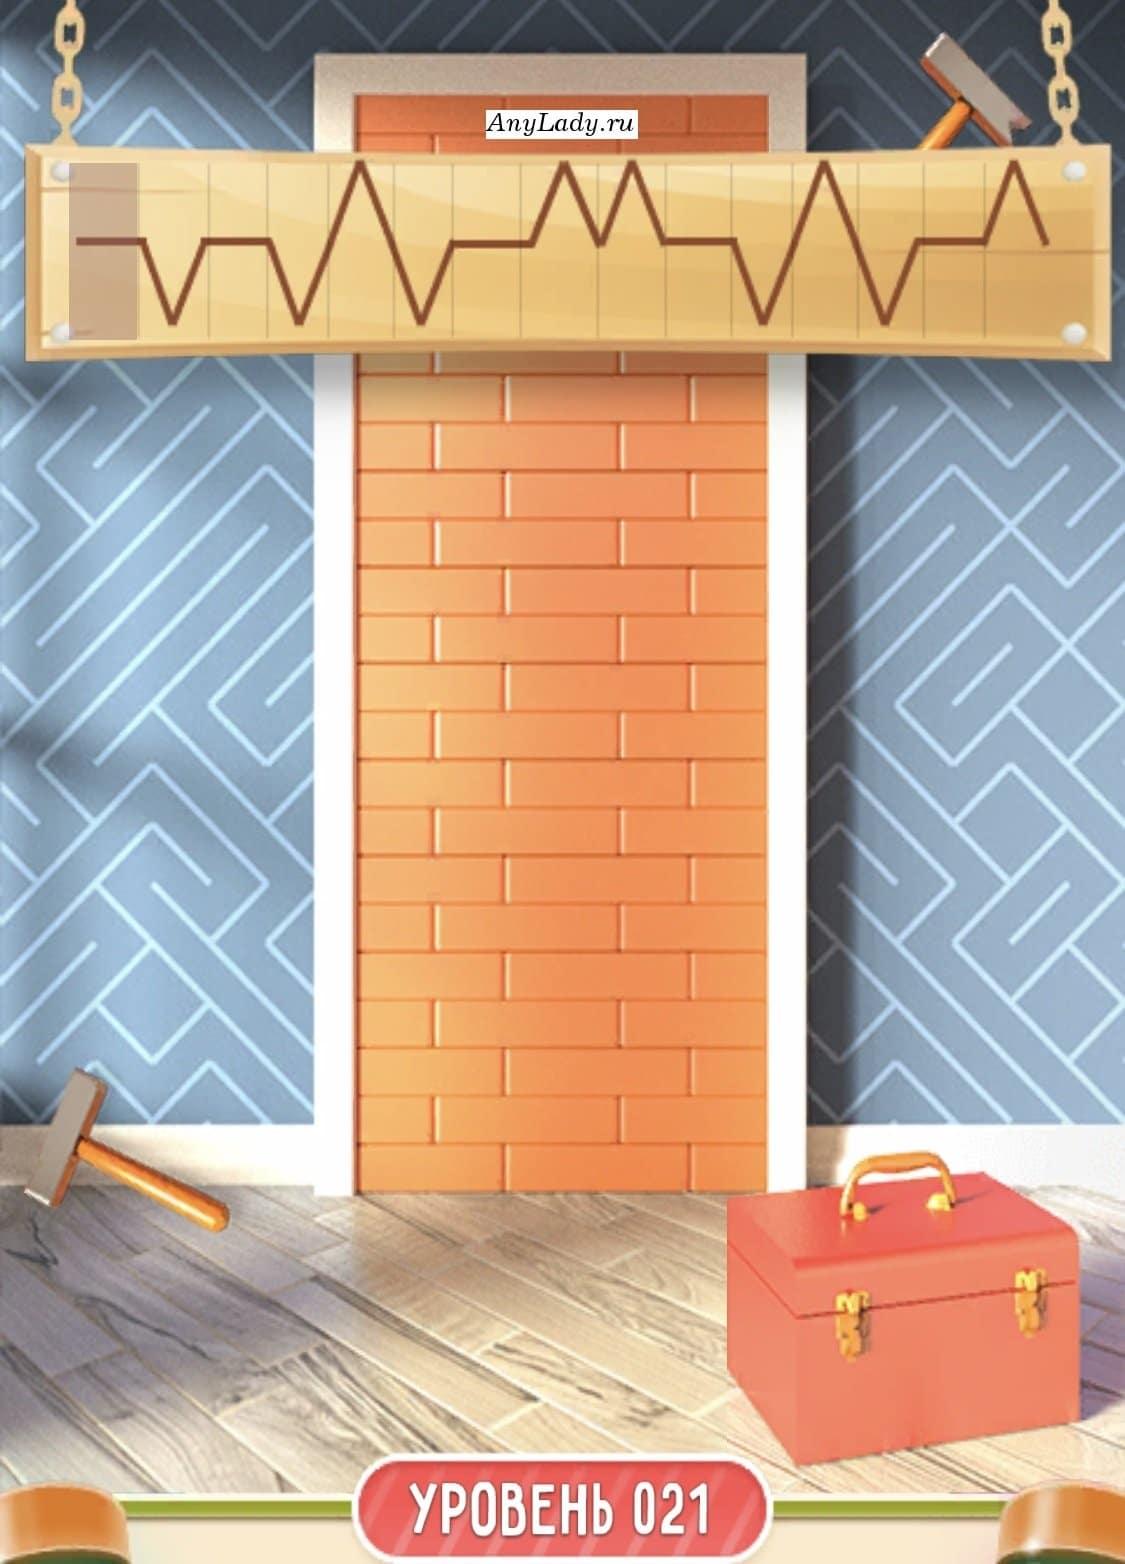 Соберите три молотка: один на полу слева, второй справа вверху за плакатом, третий в сундуке снизу. На плакате Вы видите кривую линию, выбирайте молоток в зависимости от линий и бейте по стене.